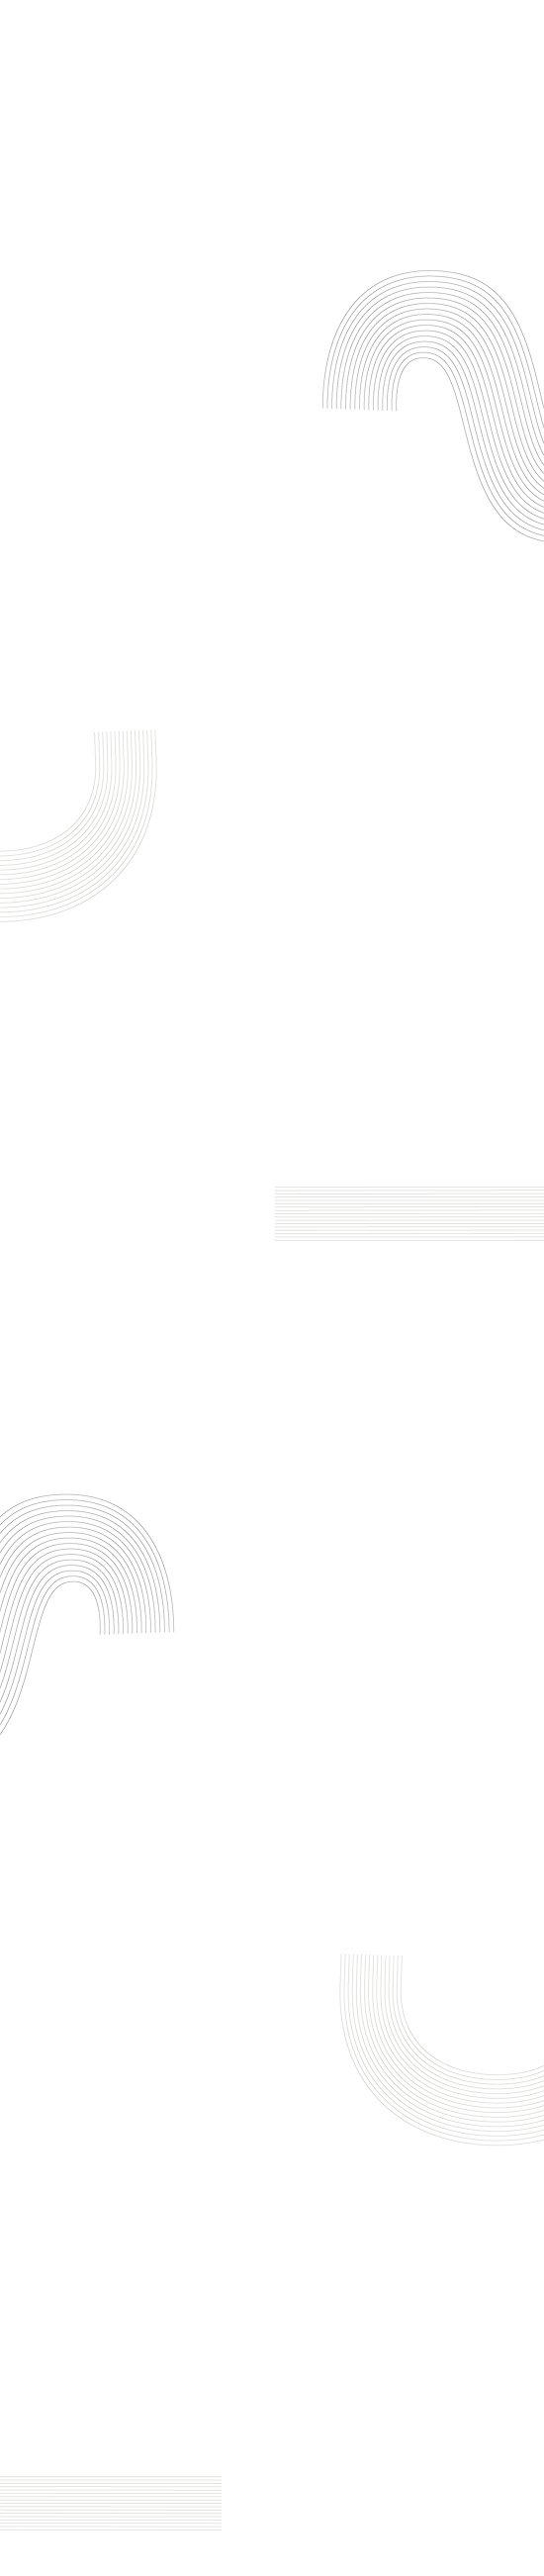 Lines_9-01-01.jpg